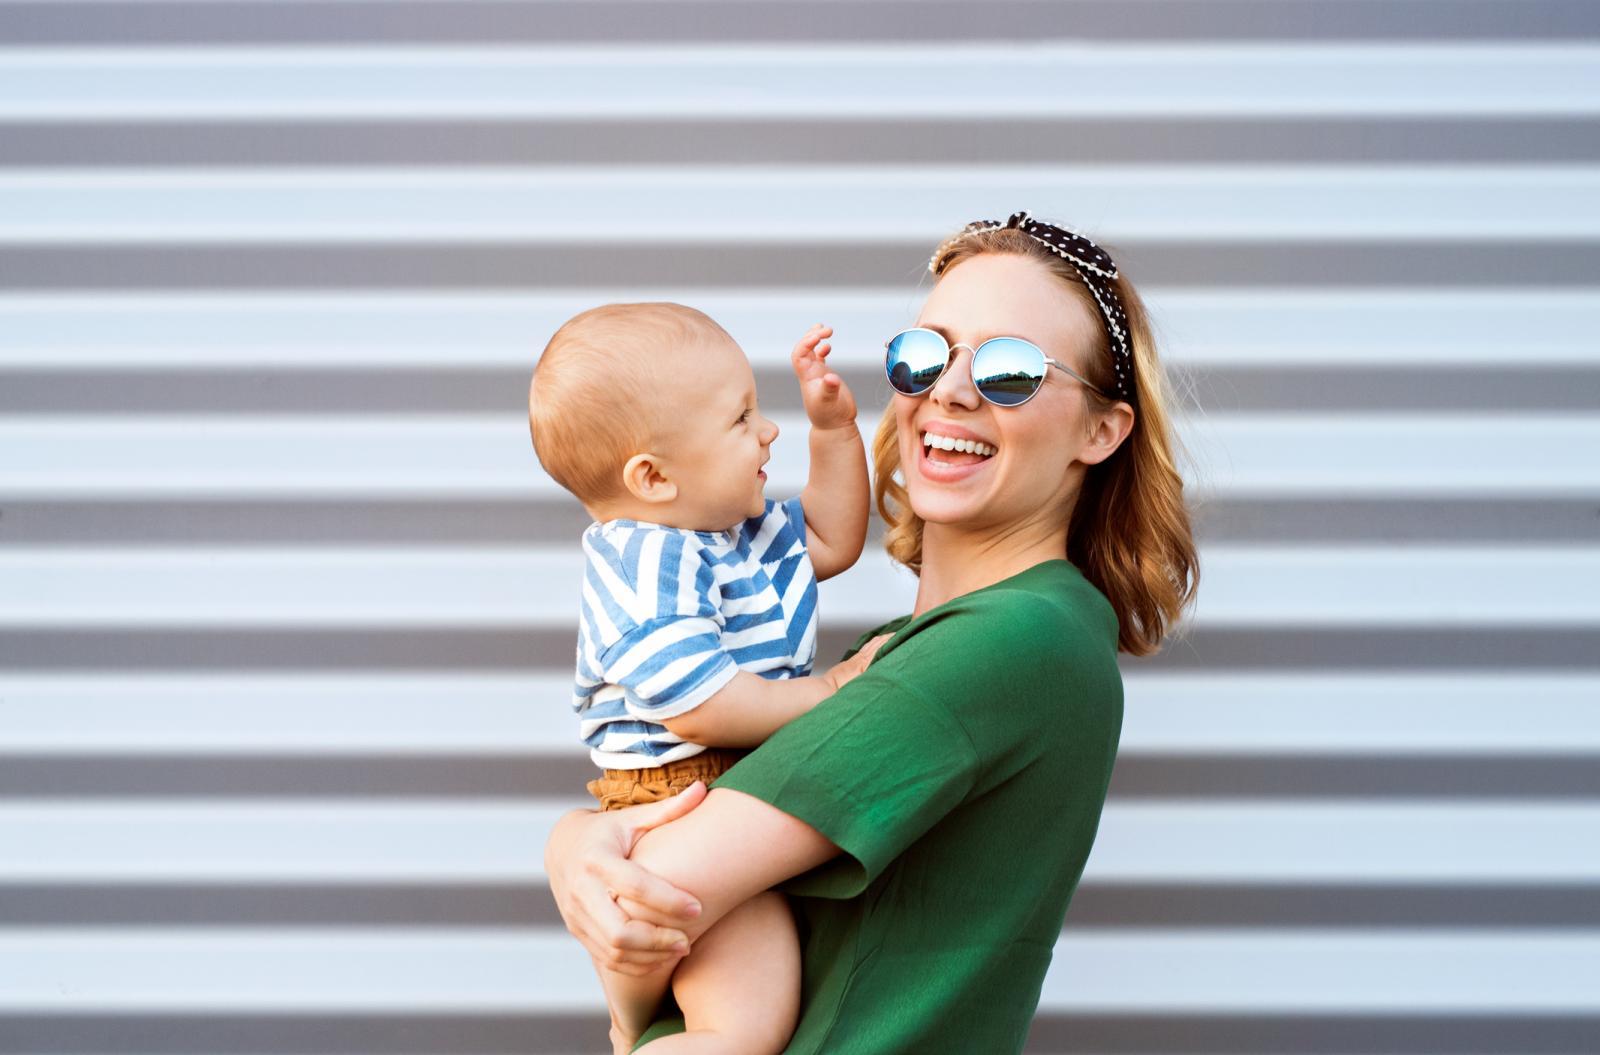 Uz ova pomagala vi ste na dobitku jer imate više vremena za kvalitetno provedeno vrijeme sa svojim djetetom.